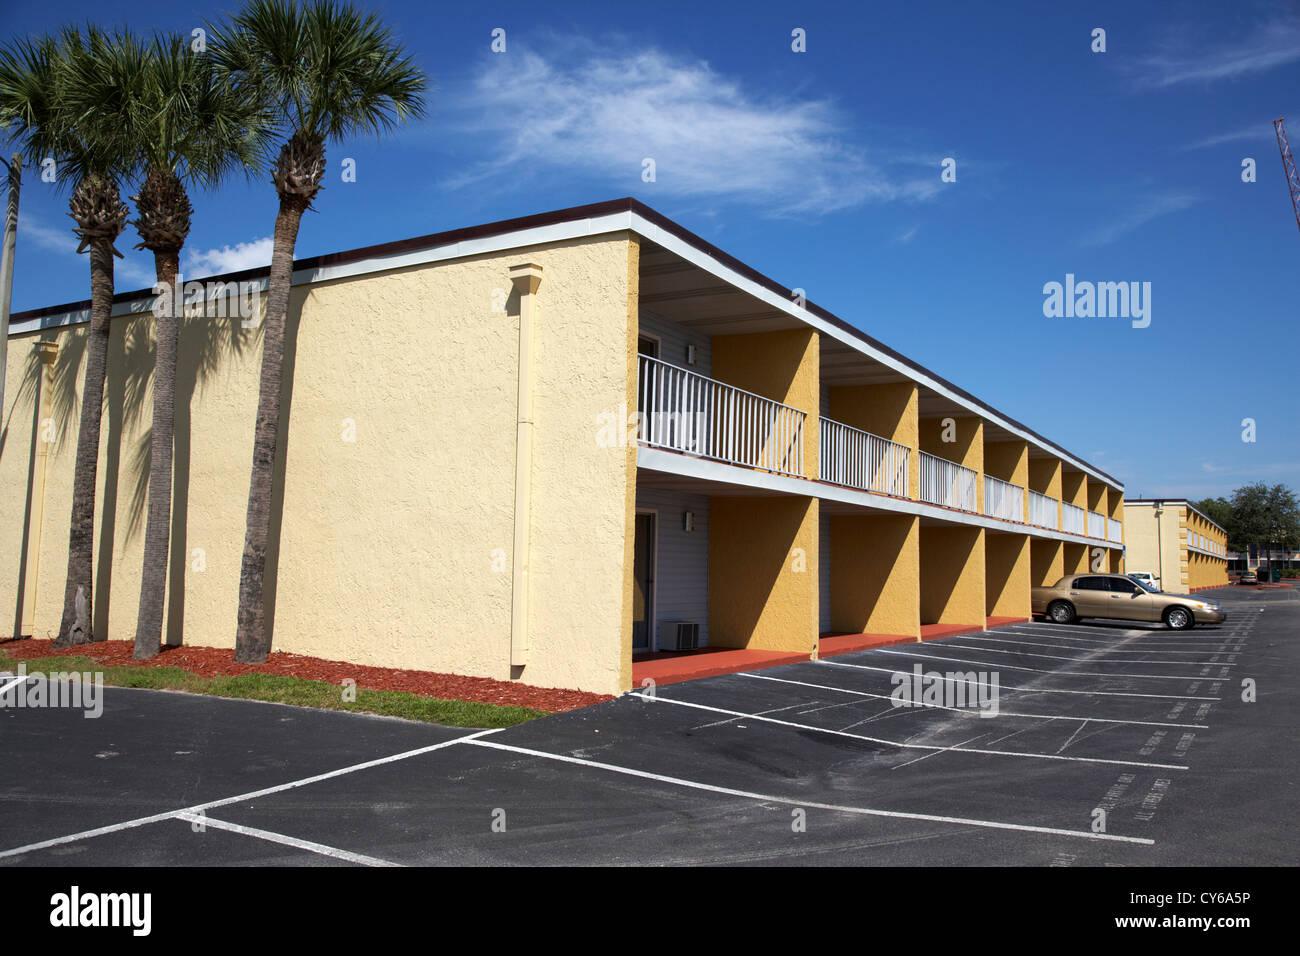 Per la maggior parte vuota a buon mercato budget motel in Kissimmee florida usa Immagini Stock